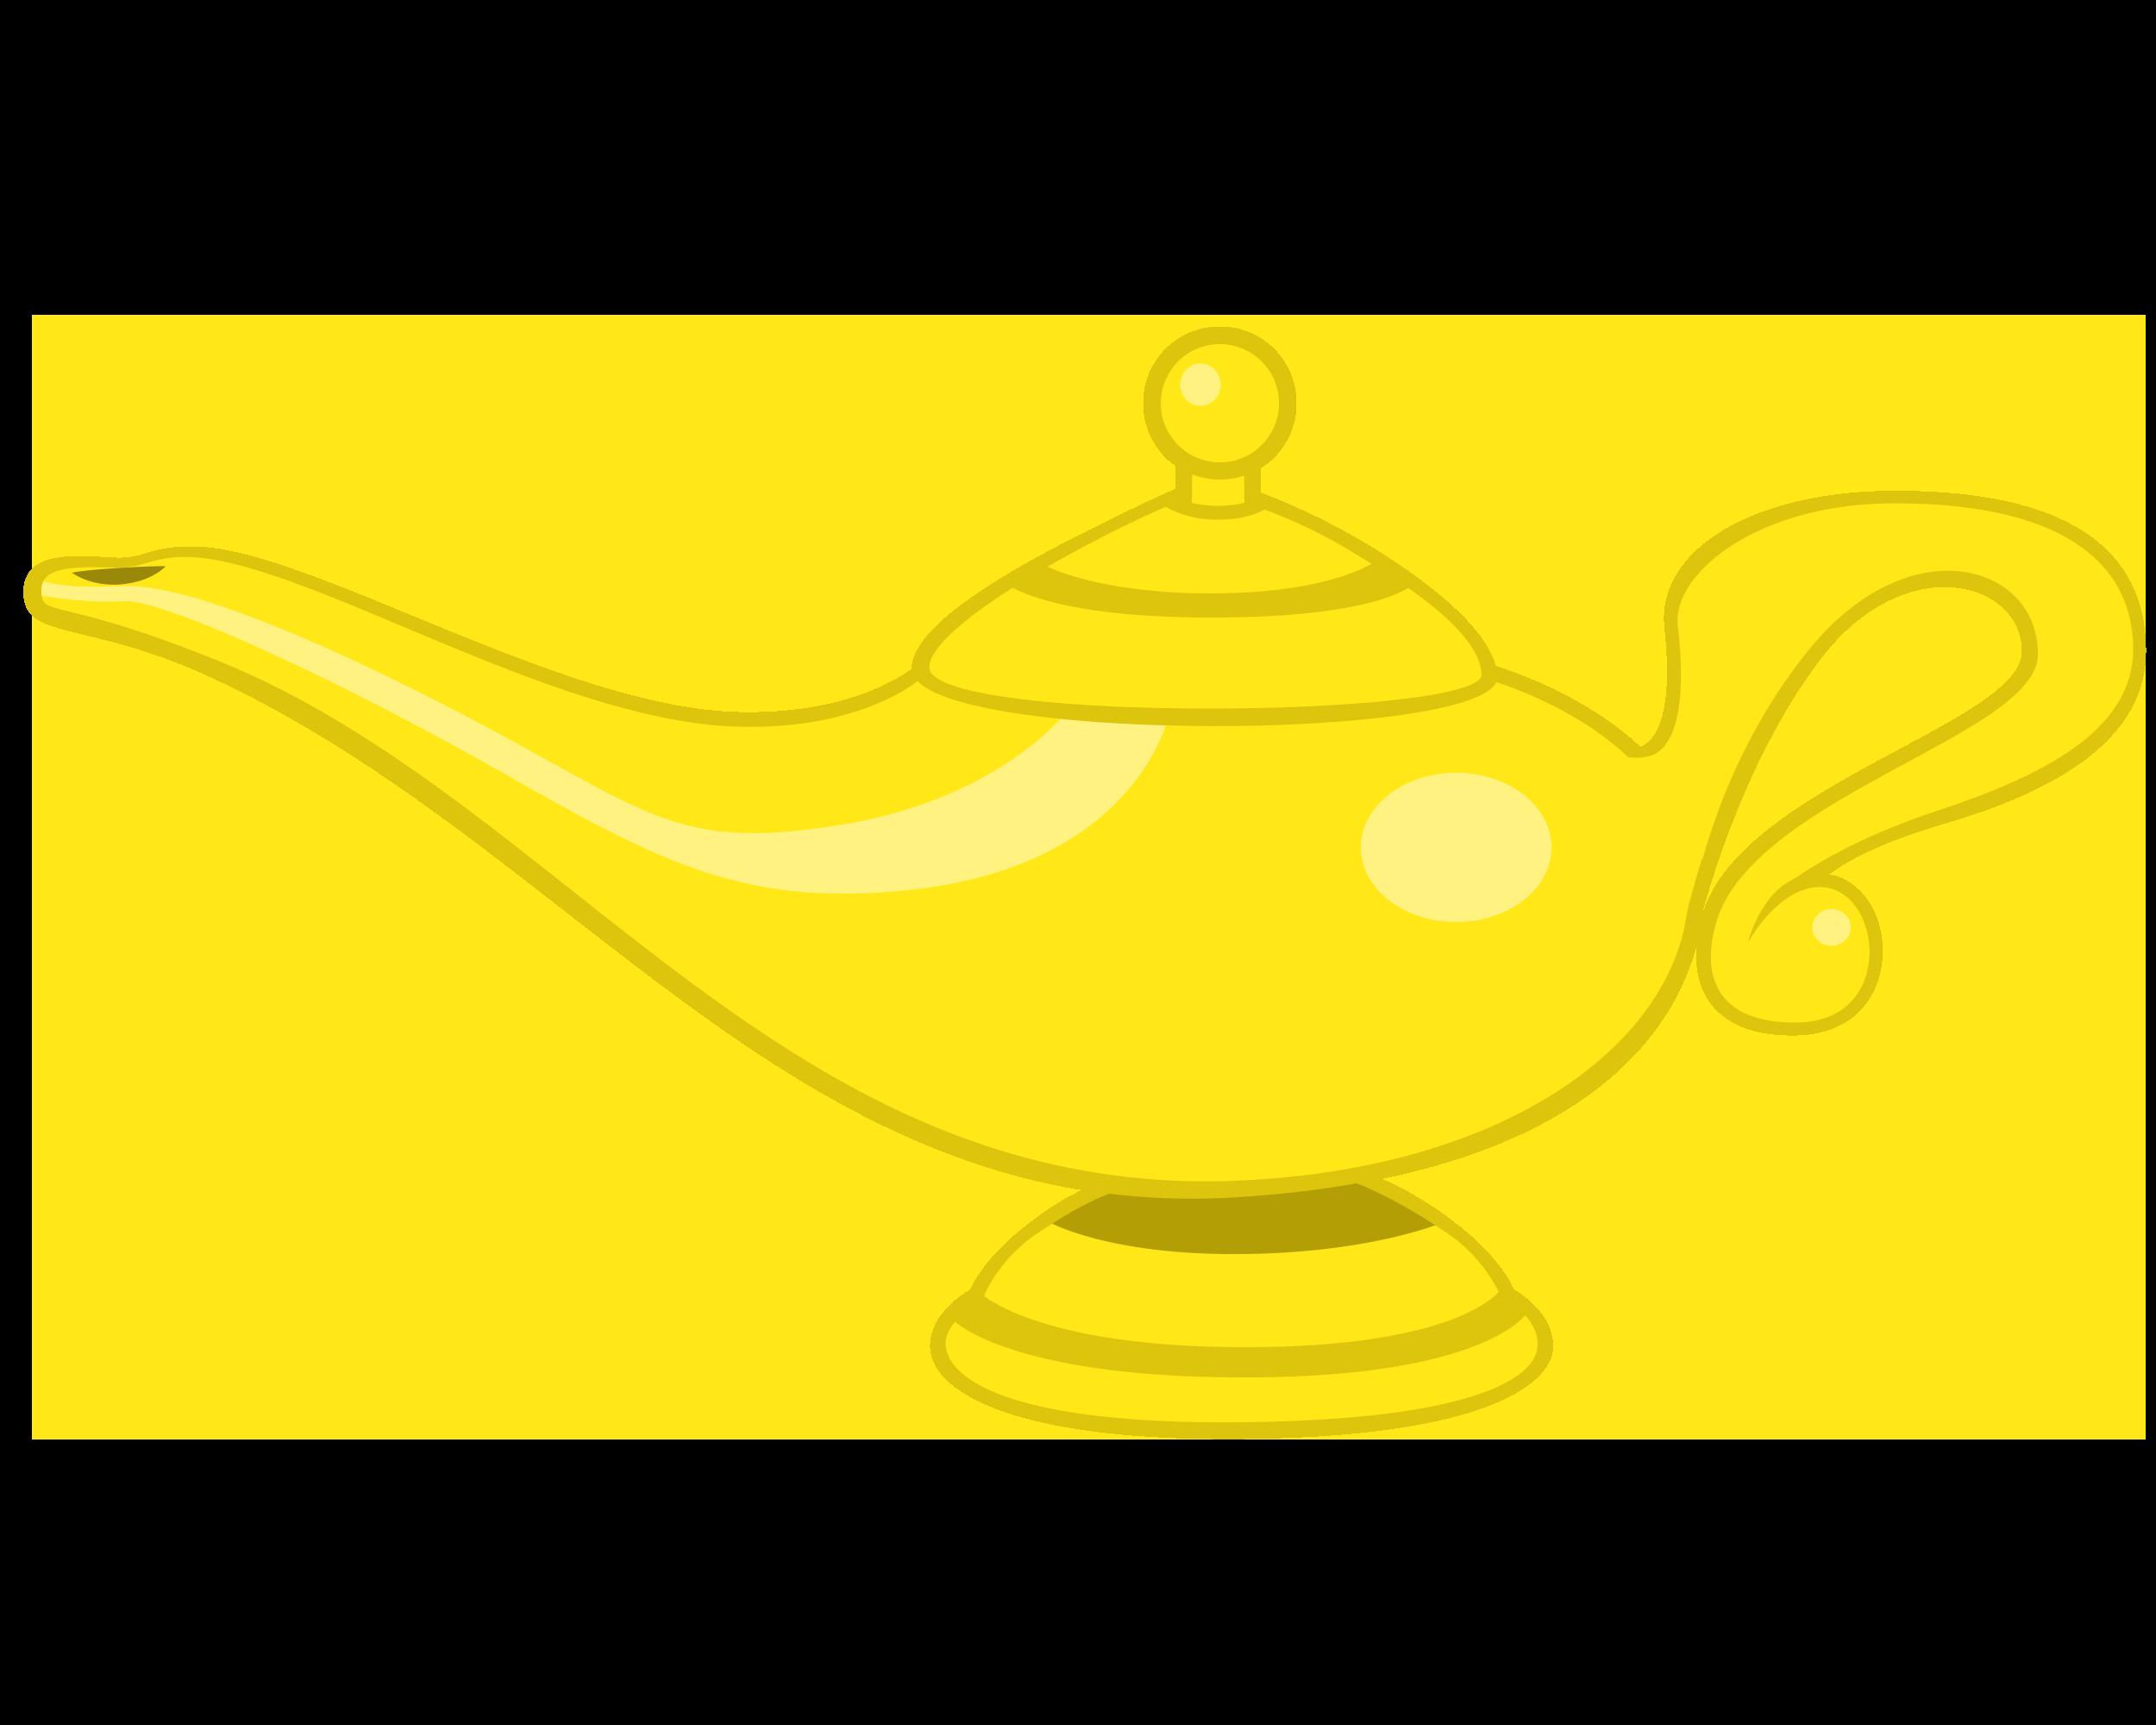 Genie Lamp By Navitaserussirus On Deviantart Lampada Magica Png Lampada